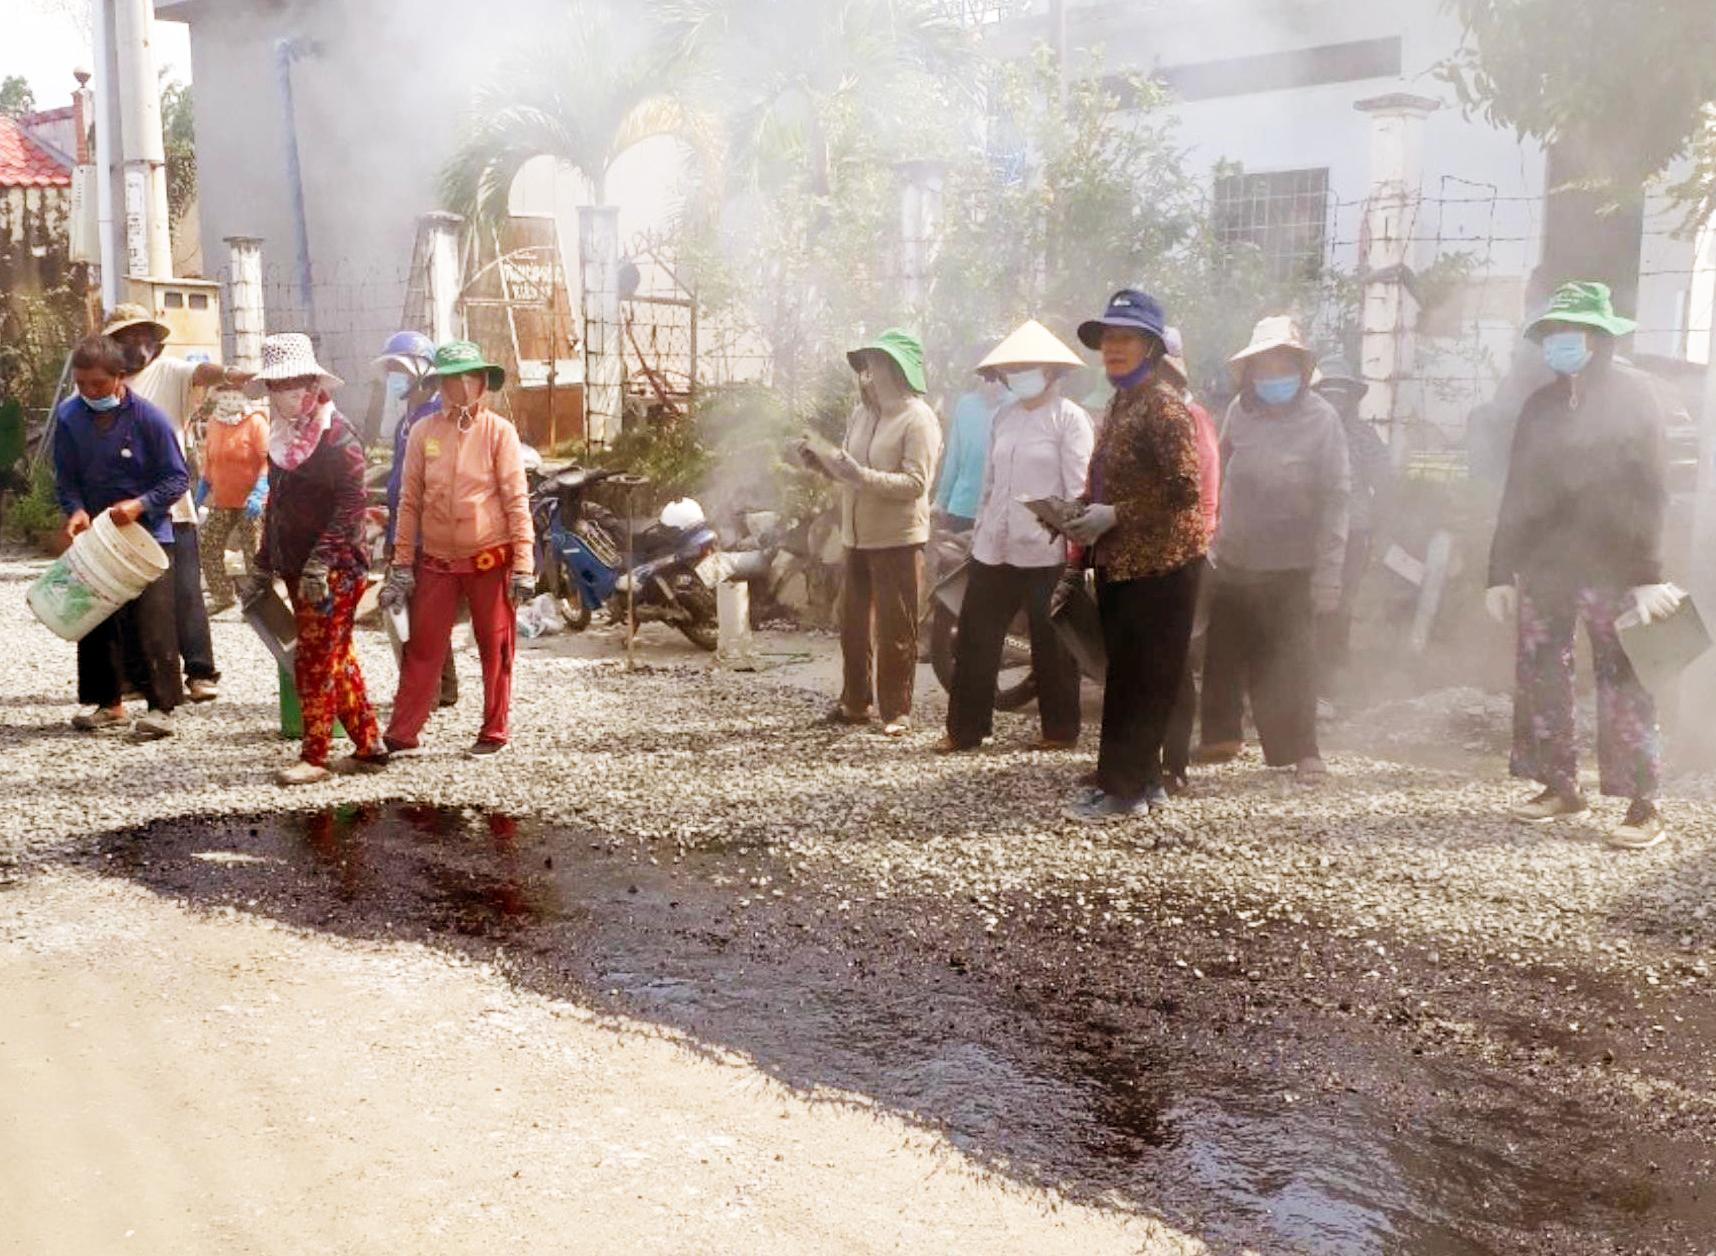 Biệt đội vá đường hơn 50 người toàn những lão nông ở miền Tây - Ảnh 2.